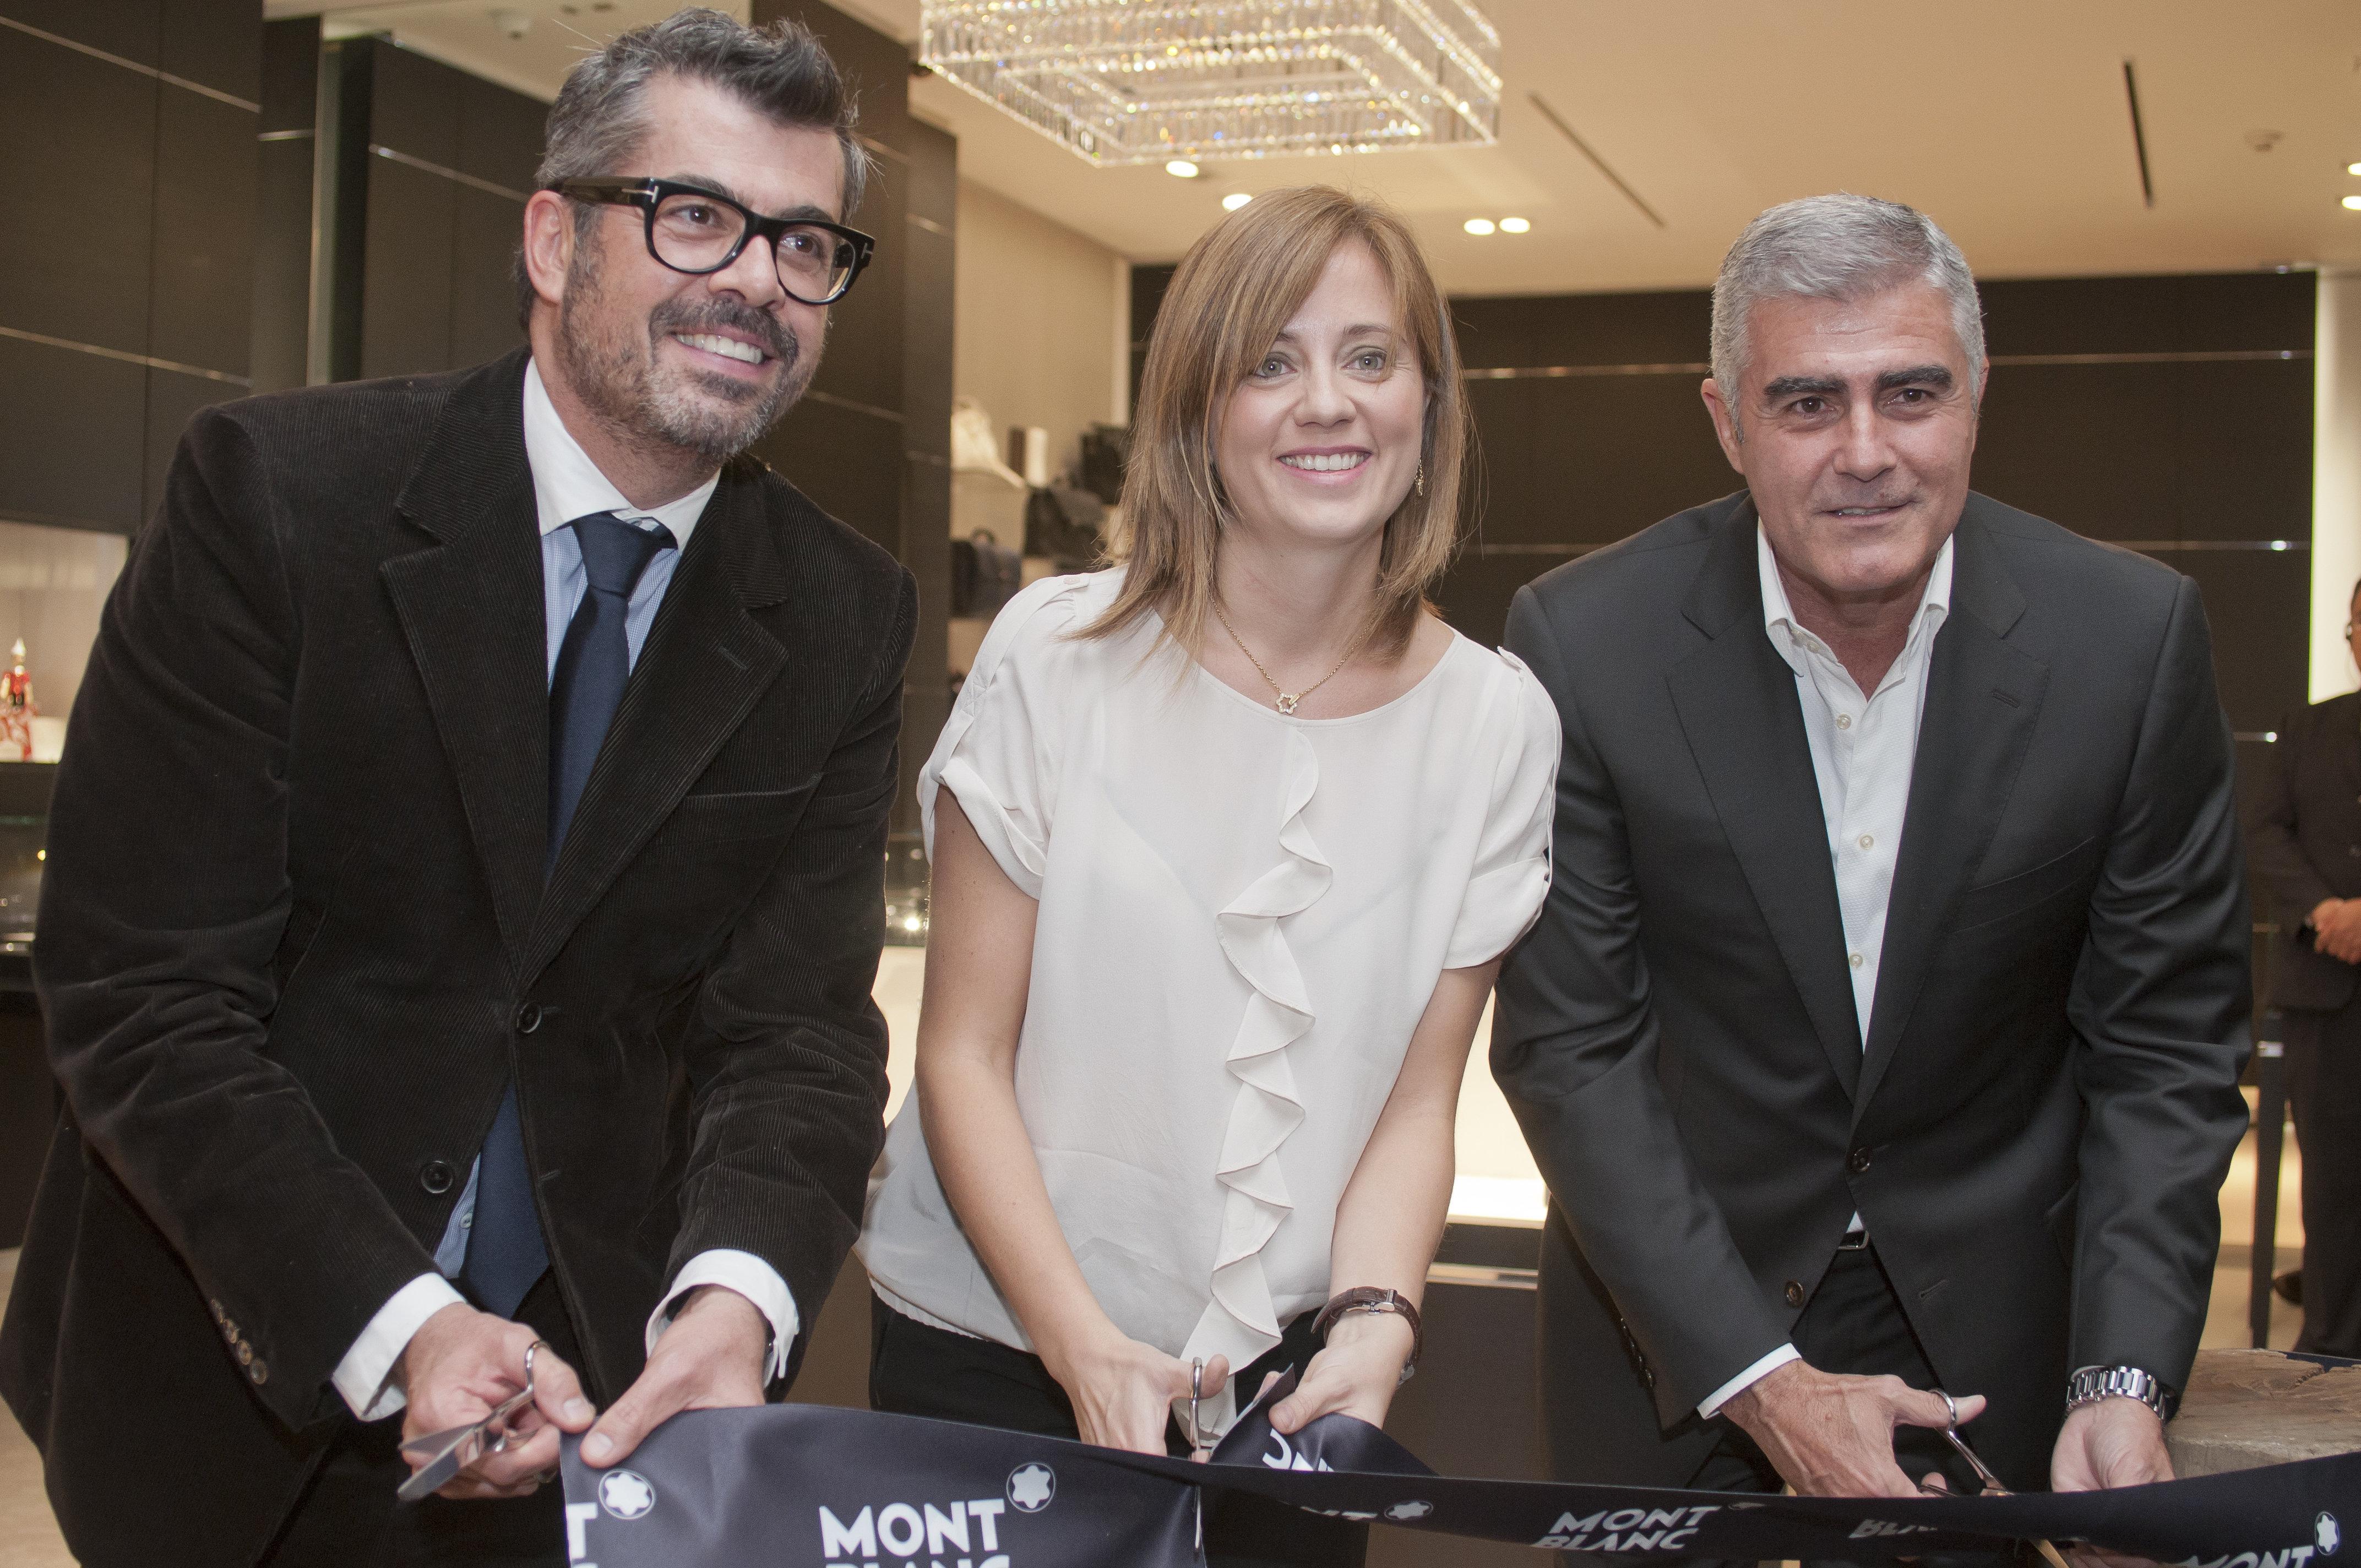 Carlos Salcido, Director de Mercadotecnia de El Palacio de Hierro, Stephanie Martínez, Directora de Montblanc México, y el actor argentino Saúl Lisazo.